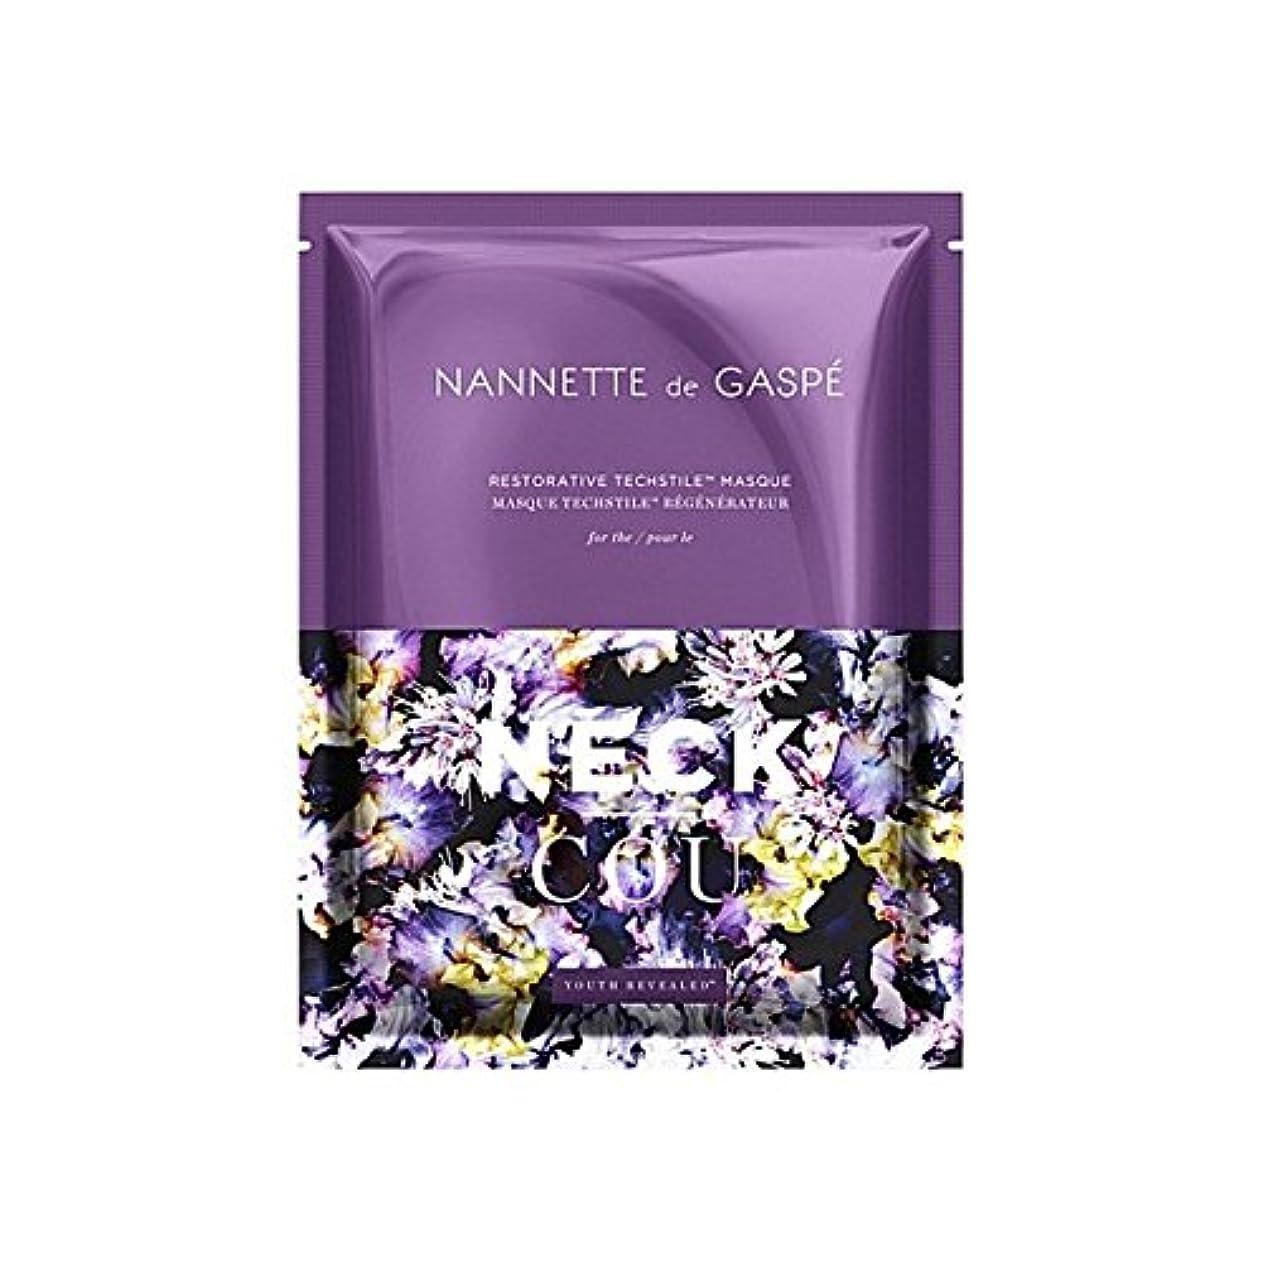 スコットランド人道を作る推測するデガスペ修復首の仮面劇 x2 - Nannette De Gaspe Restorative Techstile Neck Masque (Pack of 2) [並行輸入品]